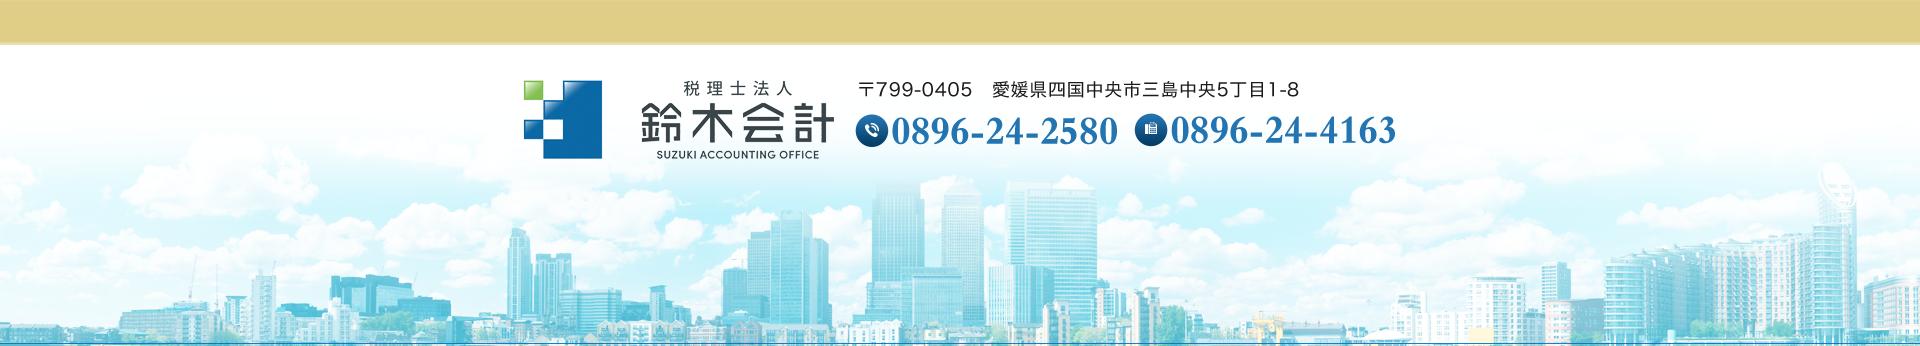 中央市三島の会計事務所_フッタ画像